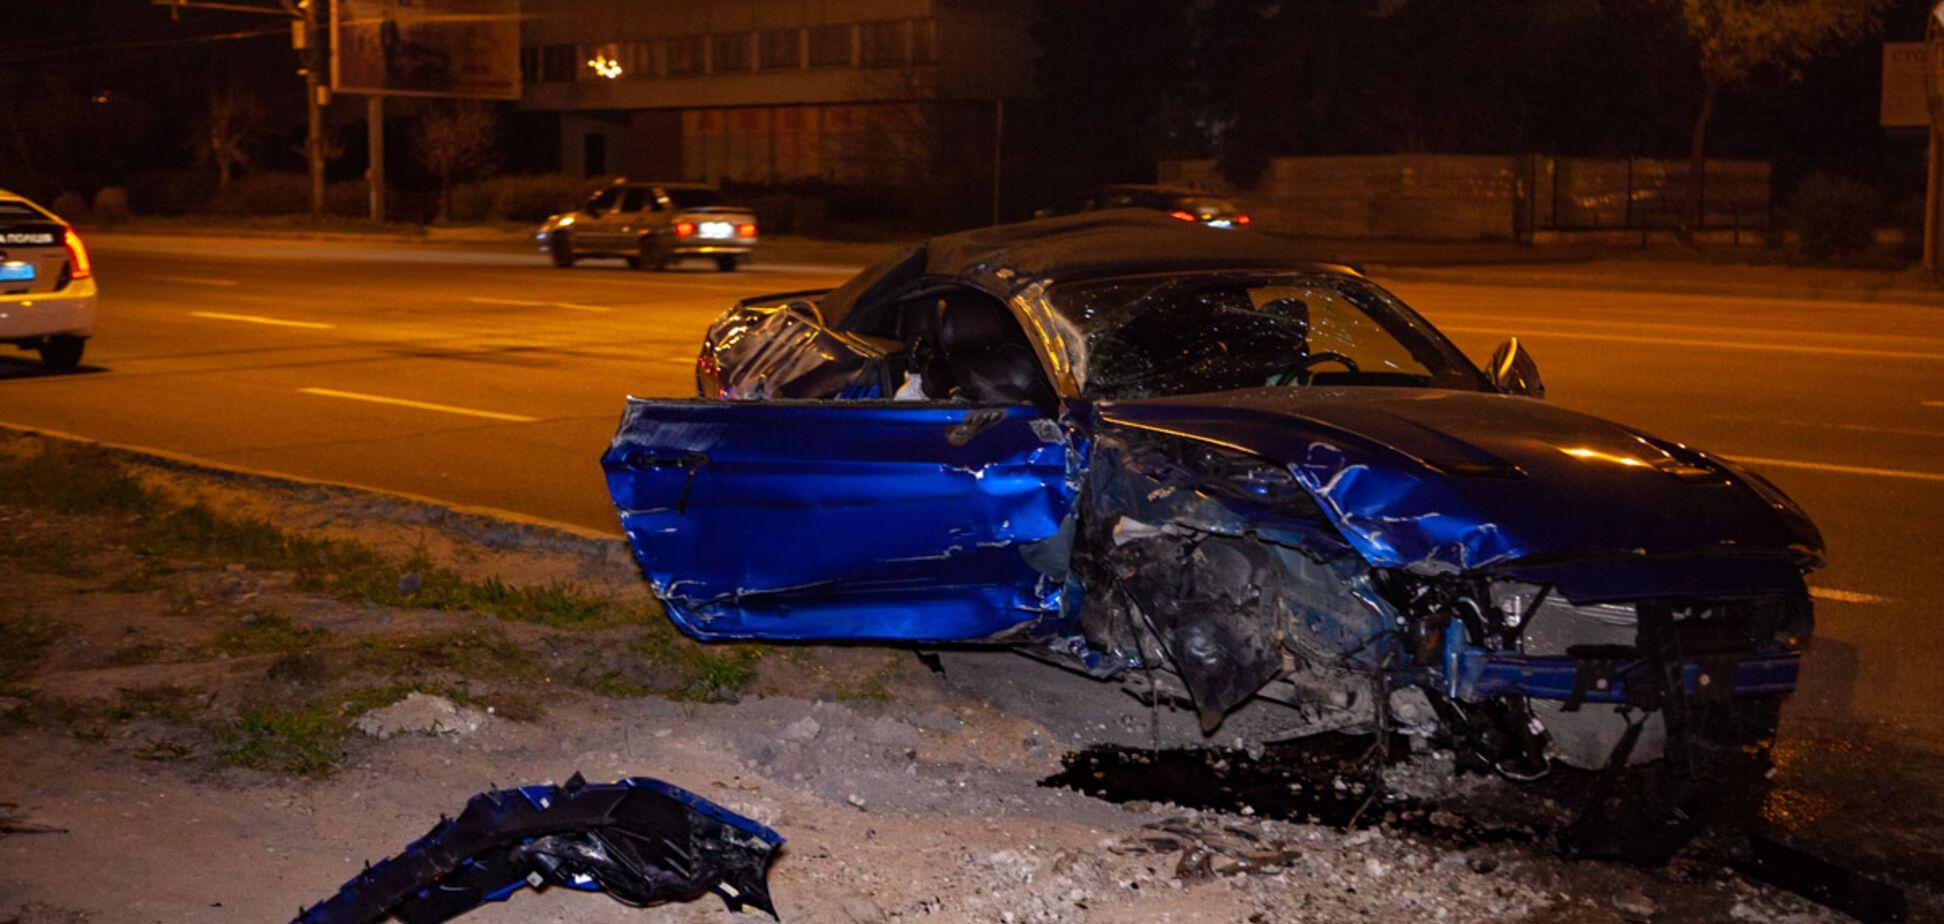 У Дніпрі Ford Mustang влетів в місце смертельної аварії. Фото